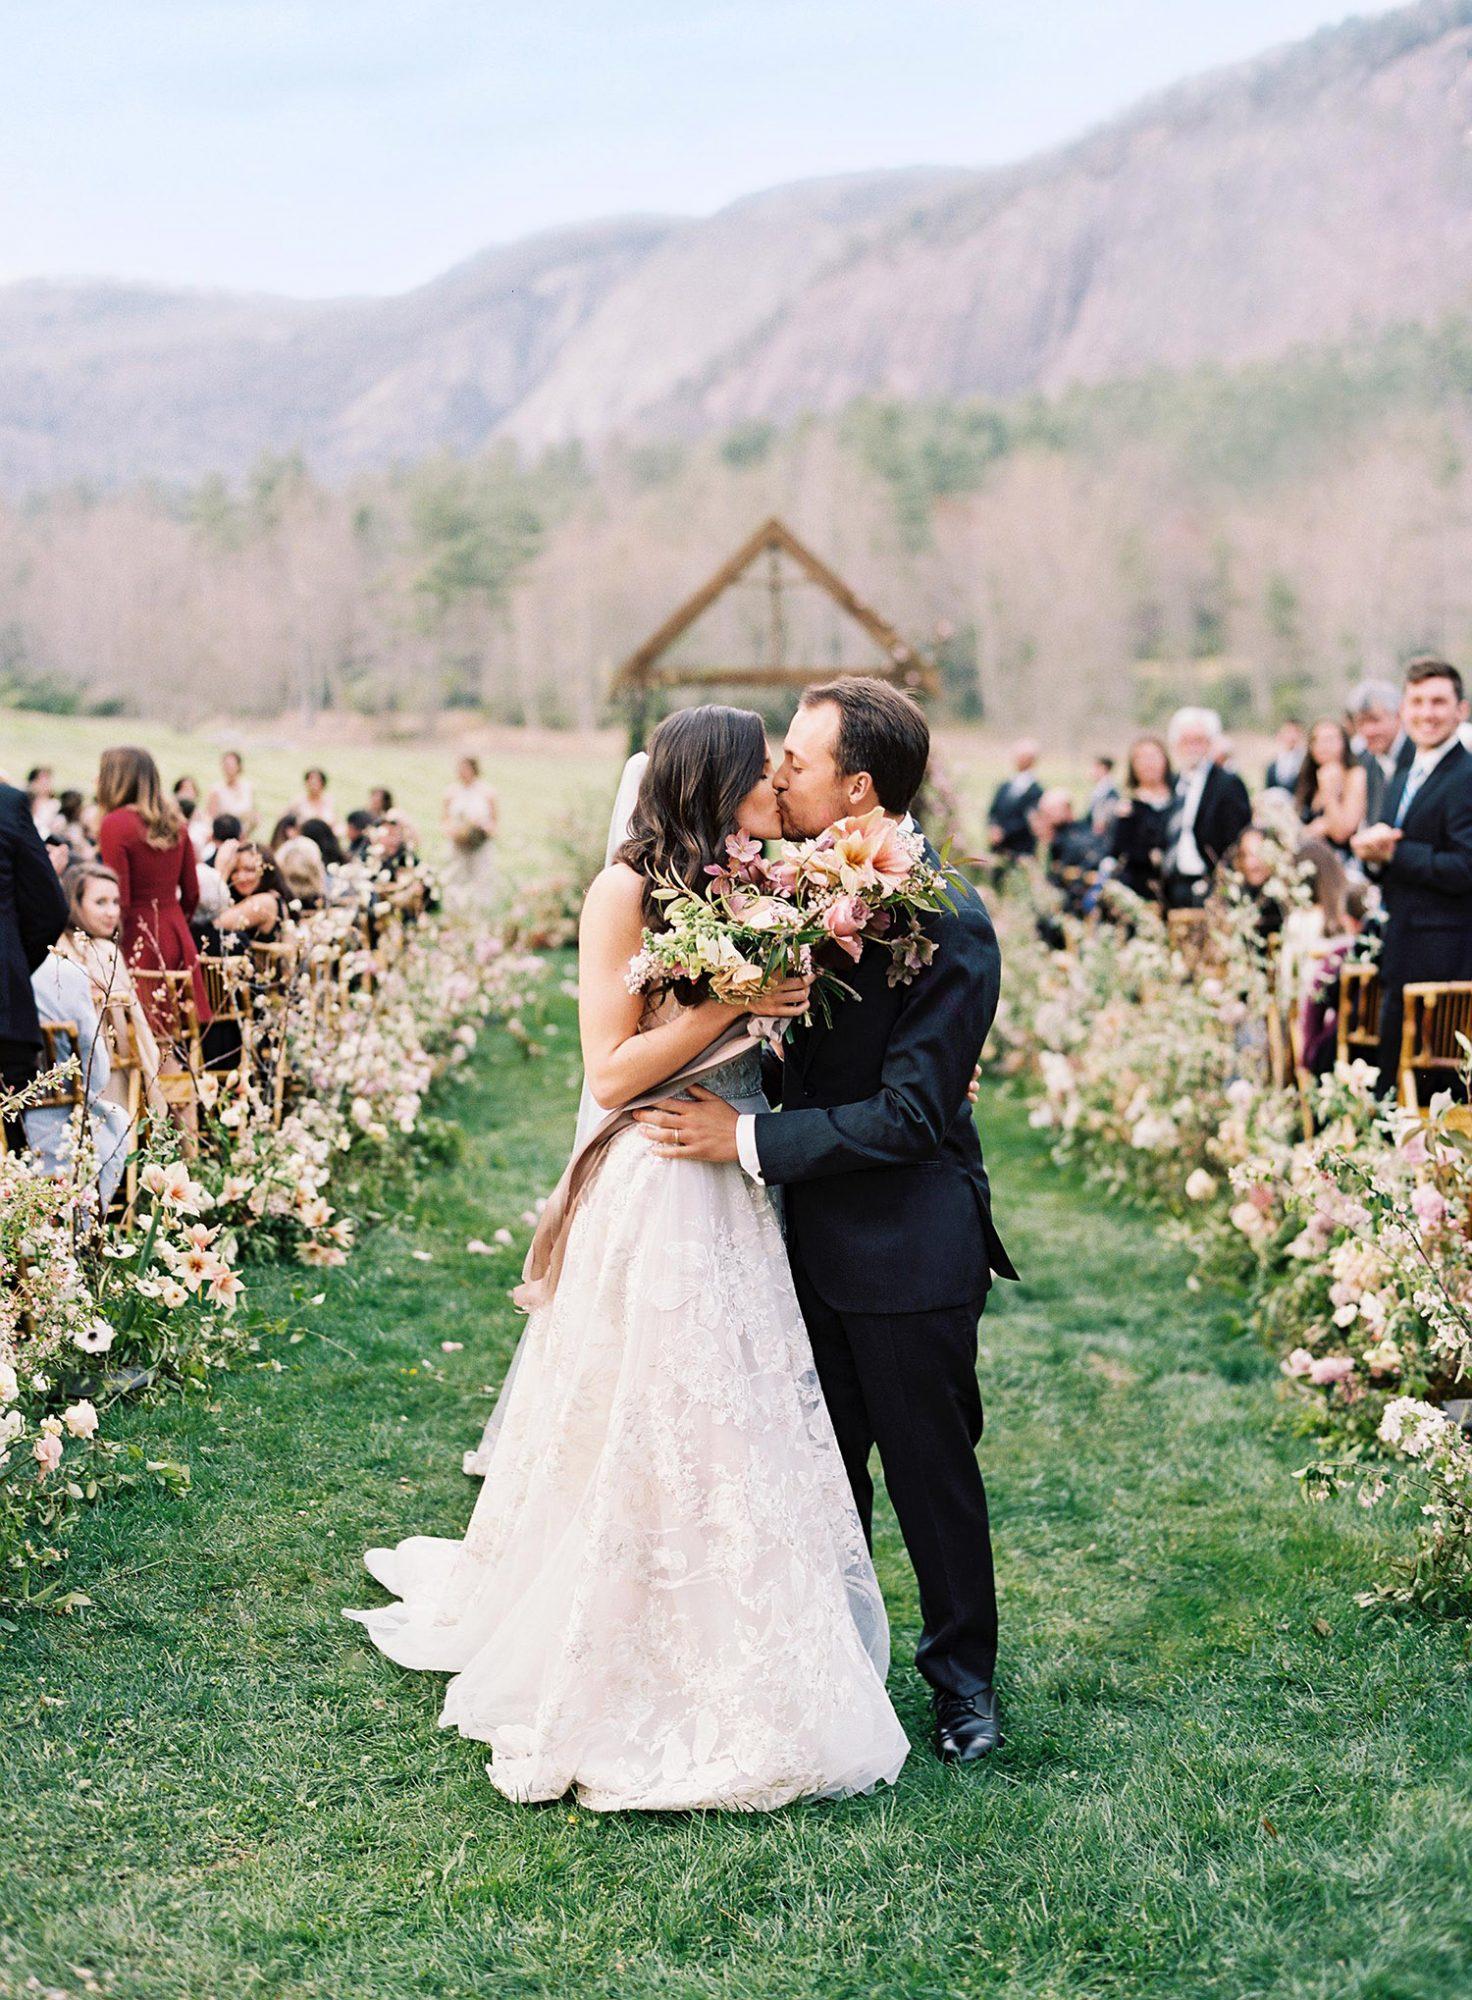 maya trey wedding couple kiss